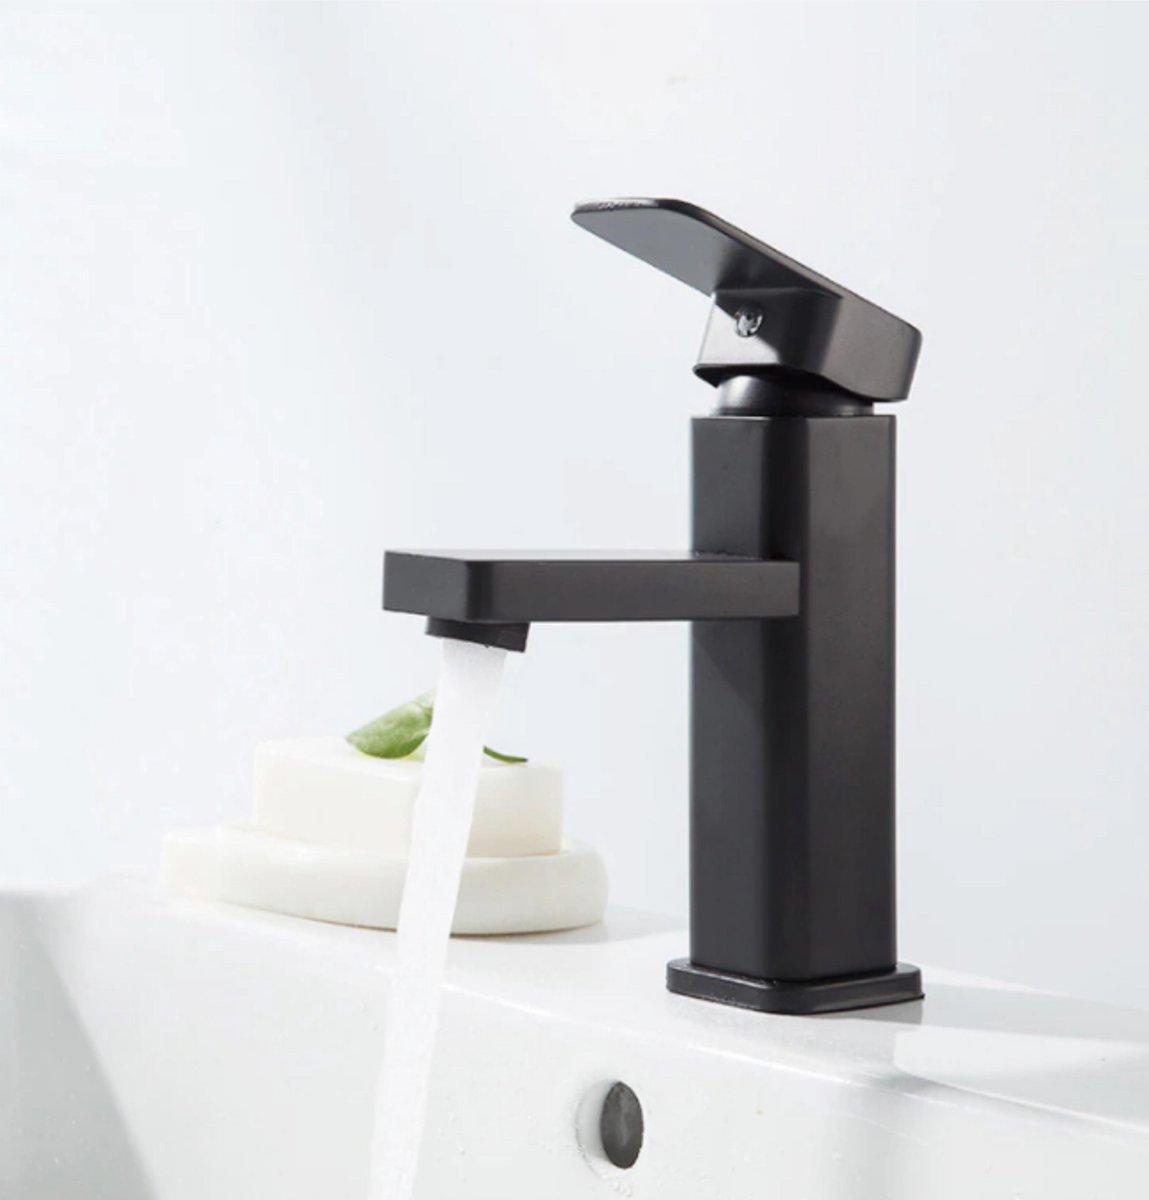 GIMAXX Luxe Wastafelkraan - Zwarte Keukenkraan Zwarte Handgreep - Hoogwaardige Badkamerkraan - Geschikt voor Warm & Koud Water - Zwart